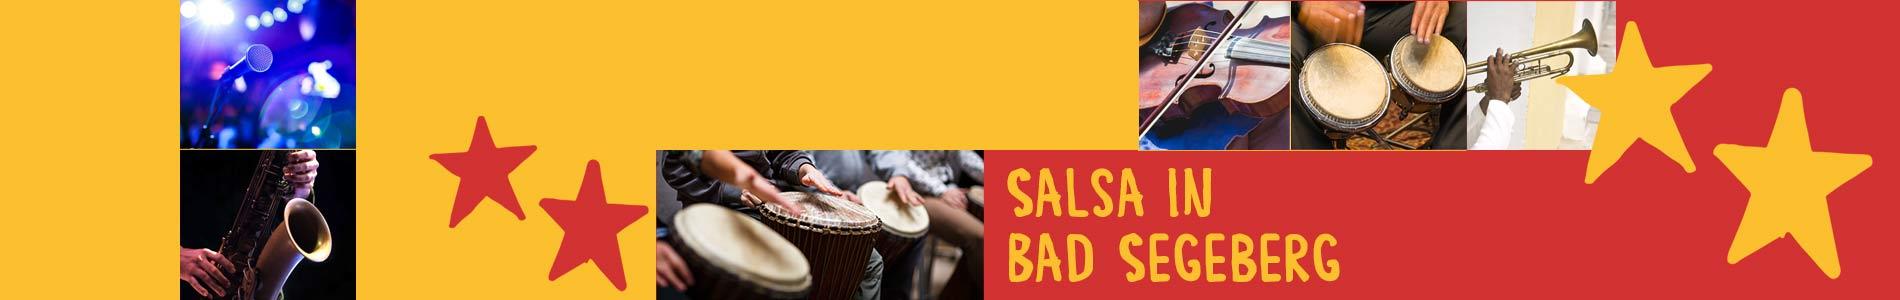 Salsa in Bad Segeberg – Salsa lernen und tanzen, Tanzkurse, Partys, Veranstaltungen